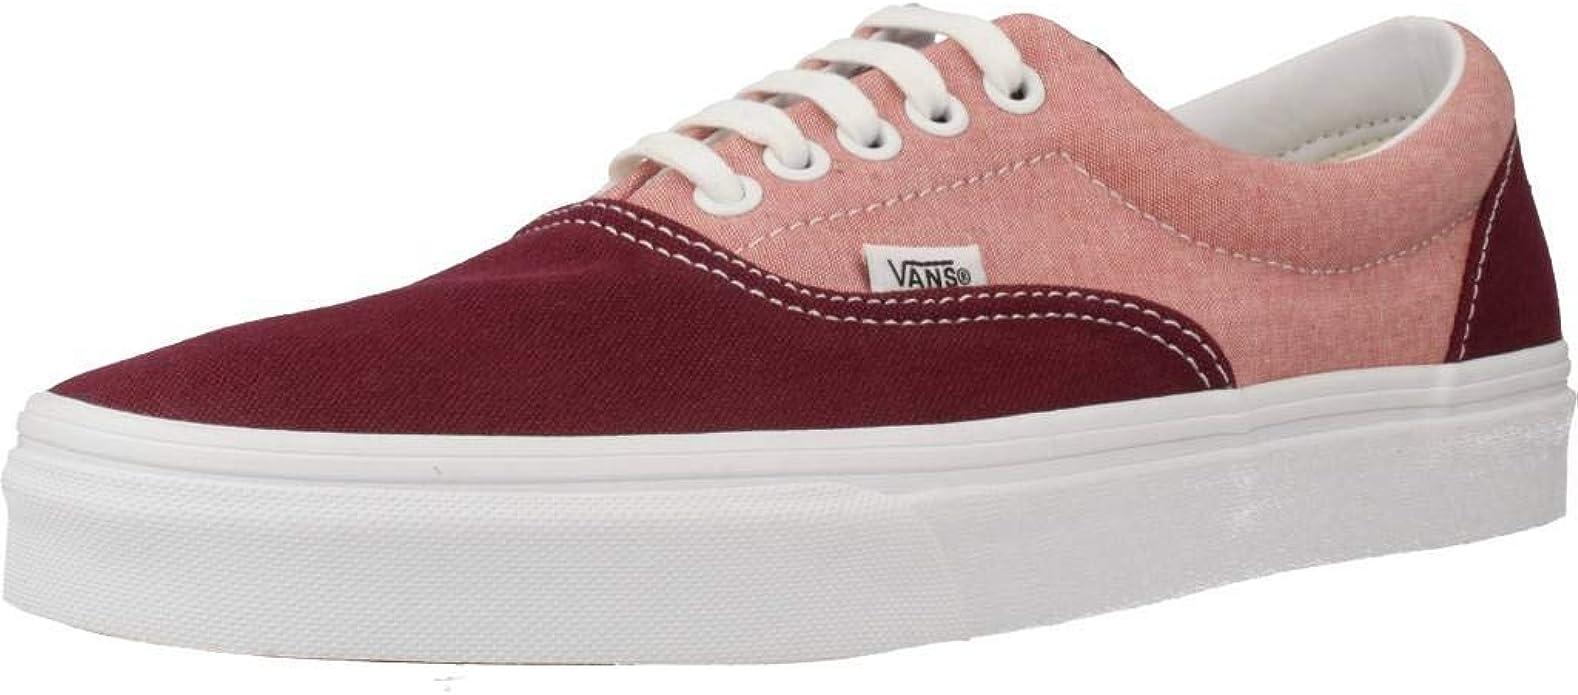 Vans Era Sneakers Damen Herren Unisex Burgunderrot/Rosa